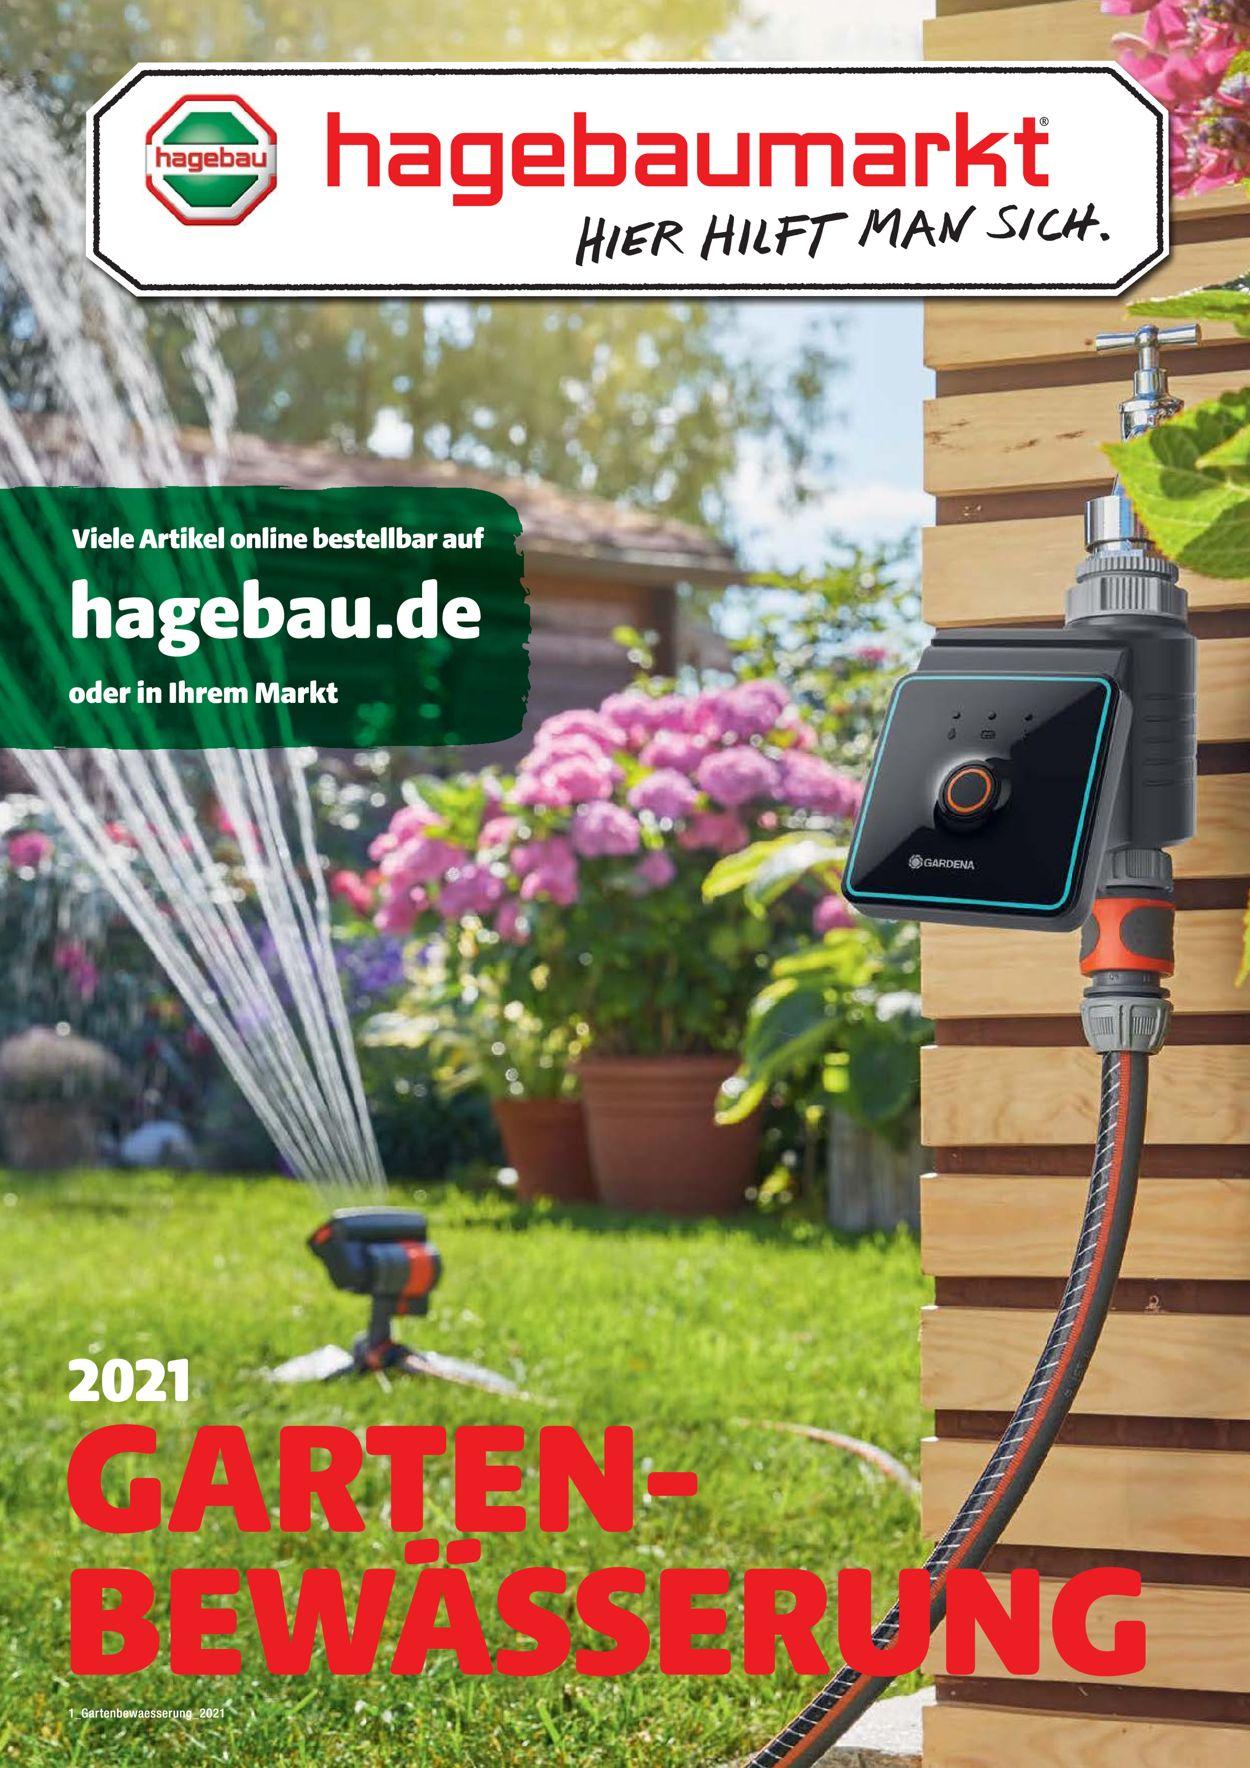 hagebaumarkt Gartenbewässerung Prospekt - Aktuell vom 01.03-31.05.2021